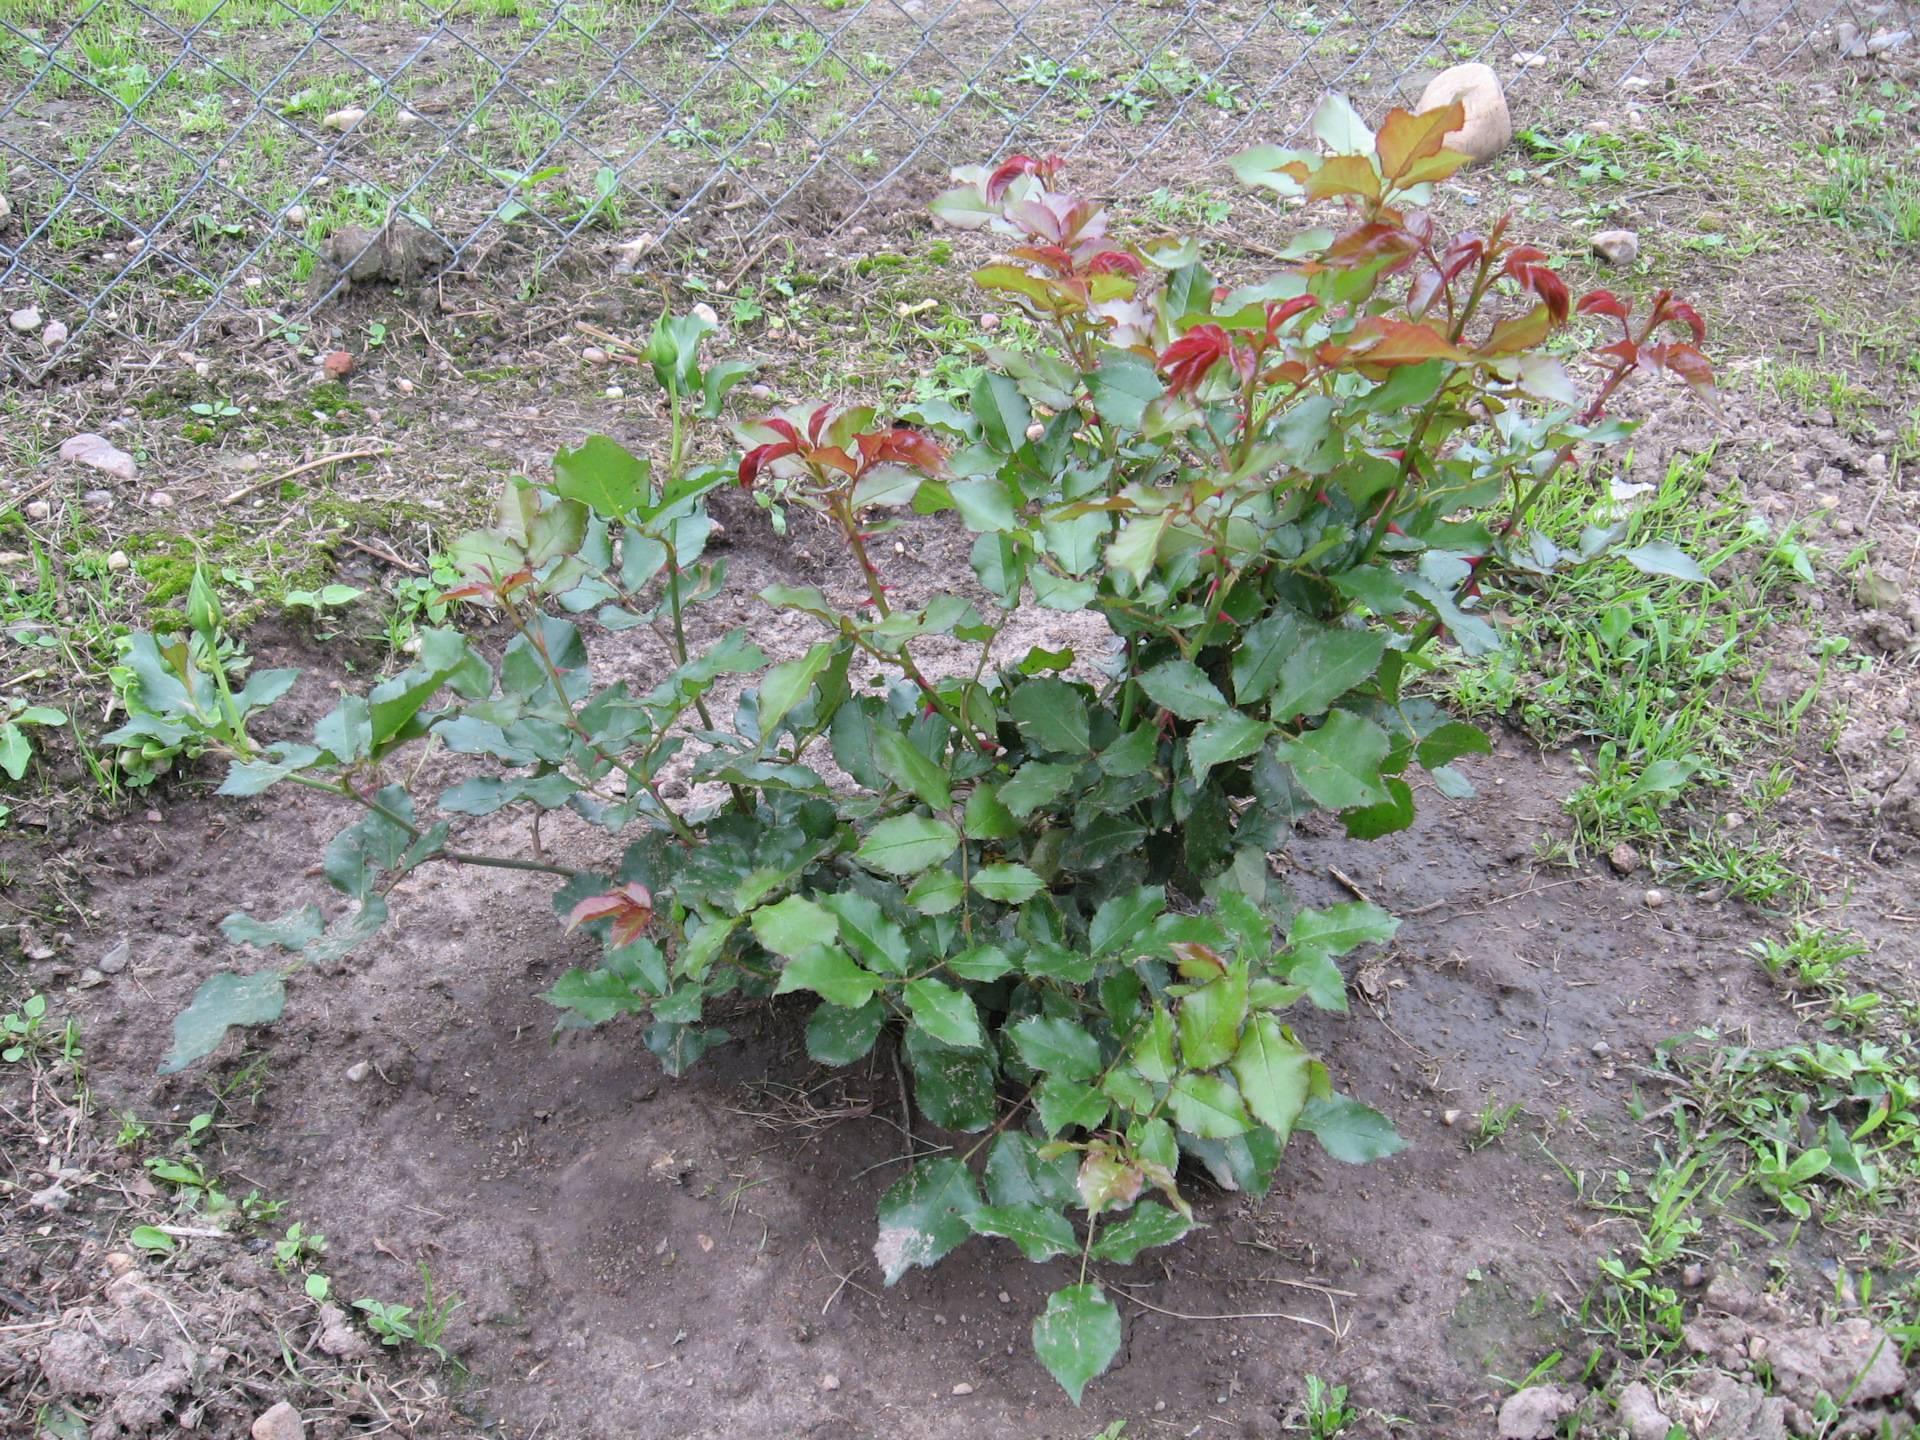 Что посадить под деревьями: цветы, растения, овощи? +отзывы